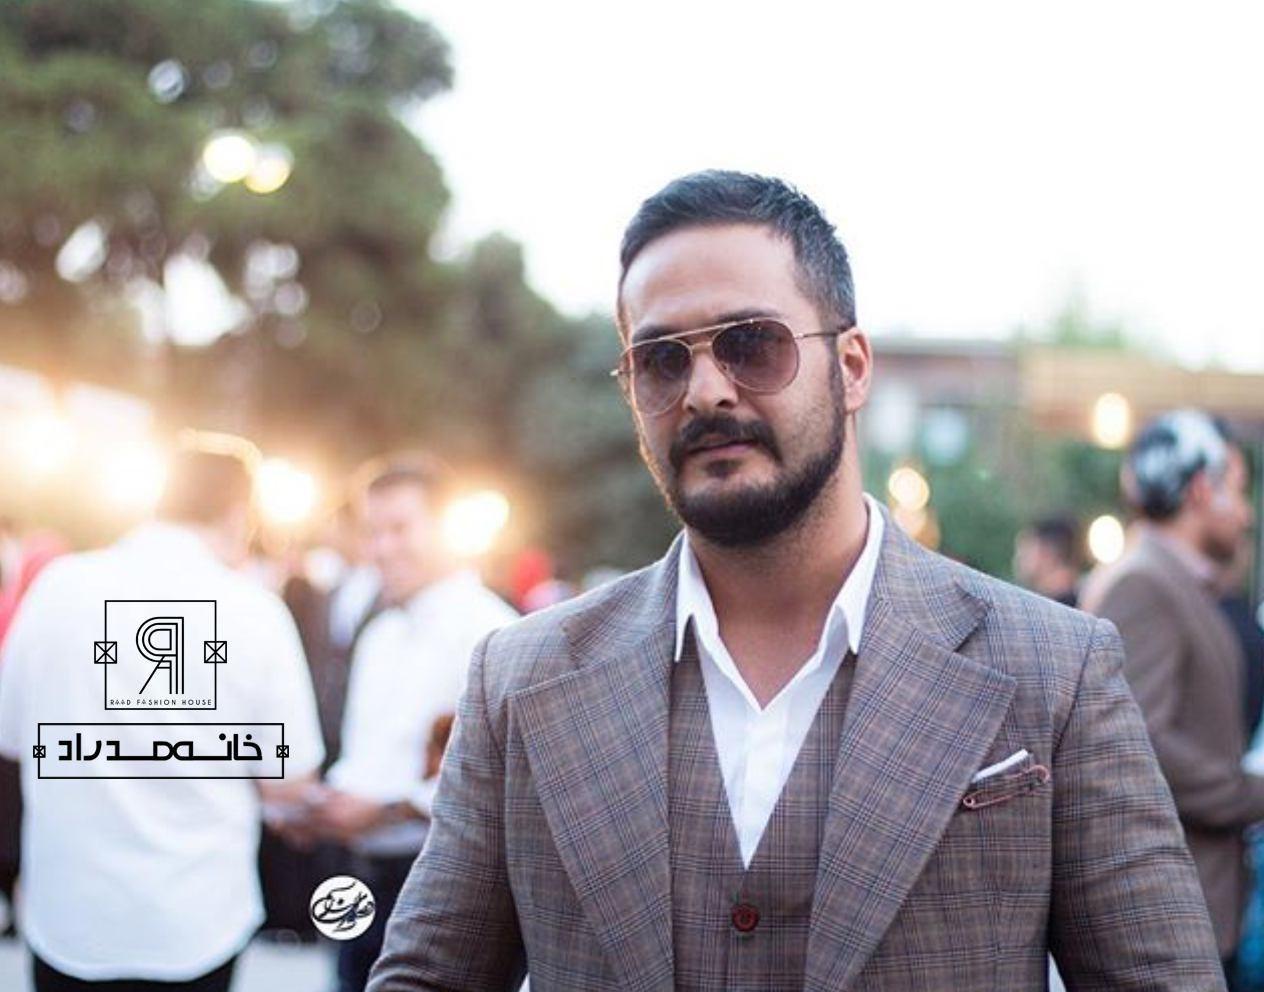 میلاد کی مرام خوش تیپ هفته ۳ Sneakers Outfit Men Iranian Actors Mens Outfits